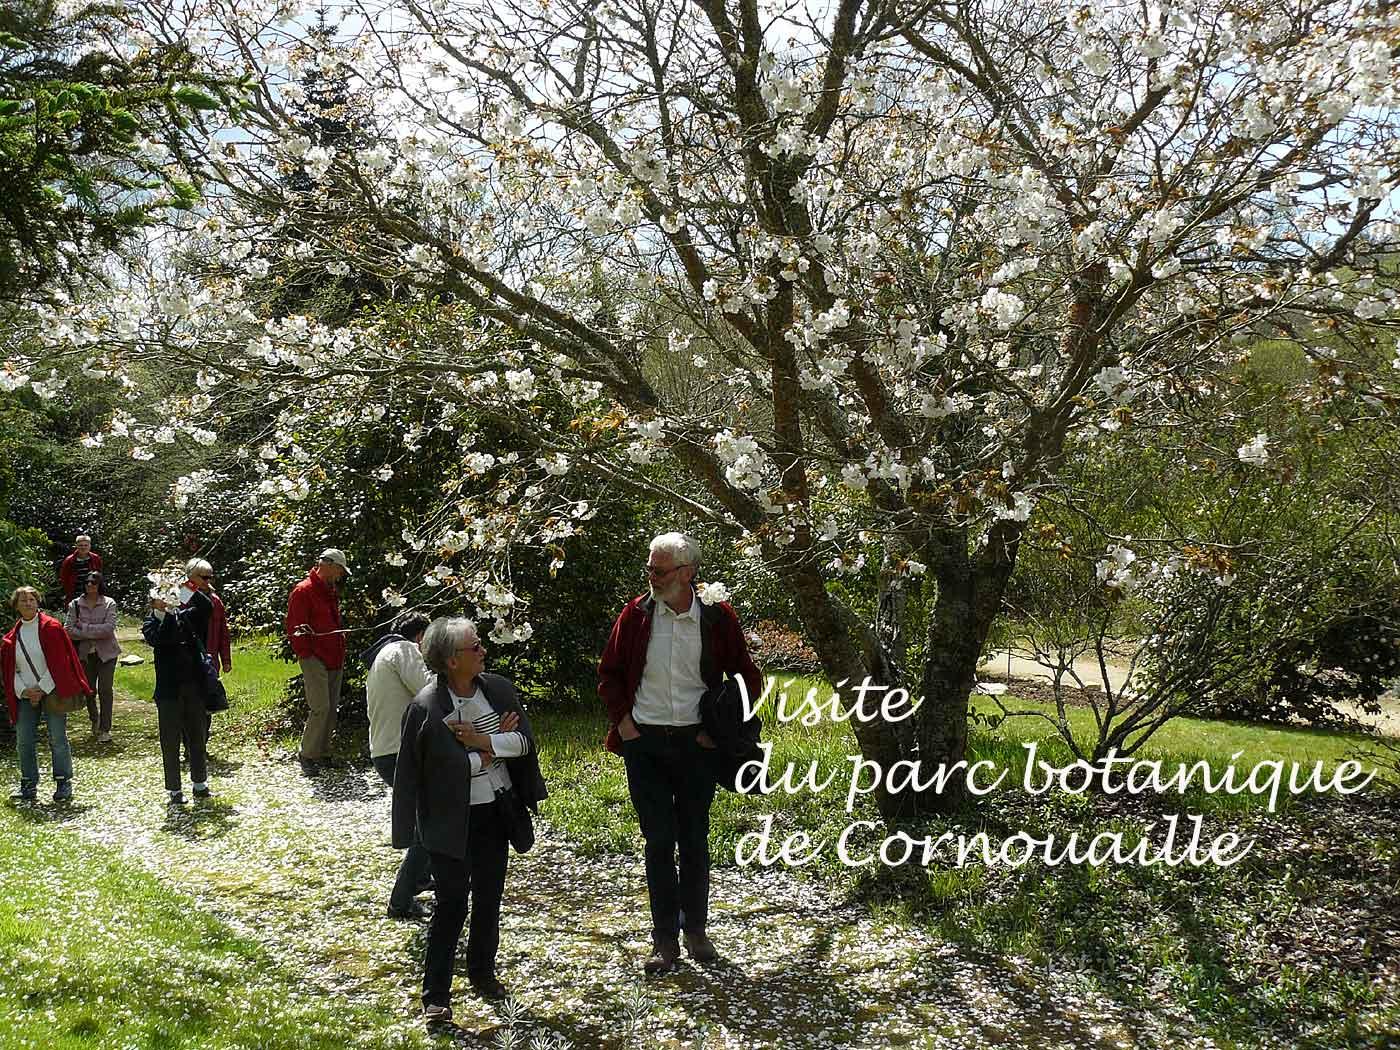 Parc botanique de cornouaille 29 arrosoirs et s cateurs - Jardin botanique de cornouaille ...